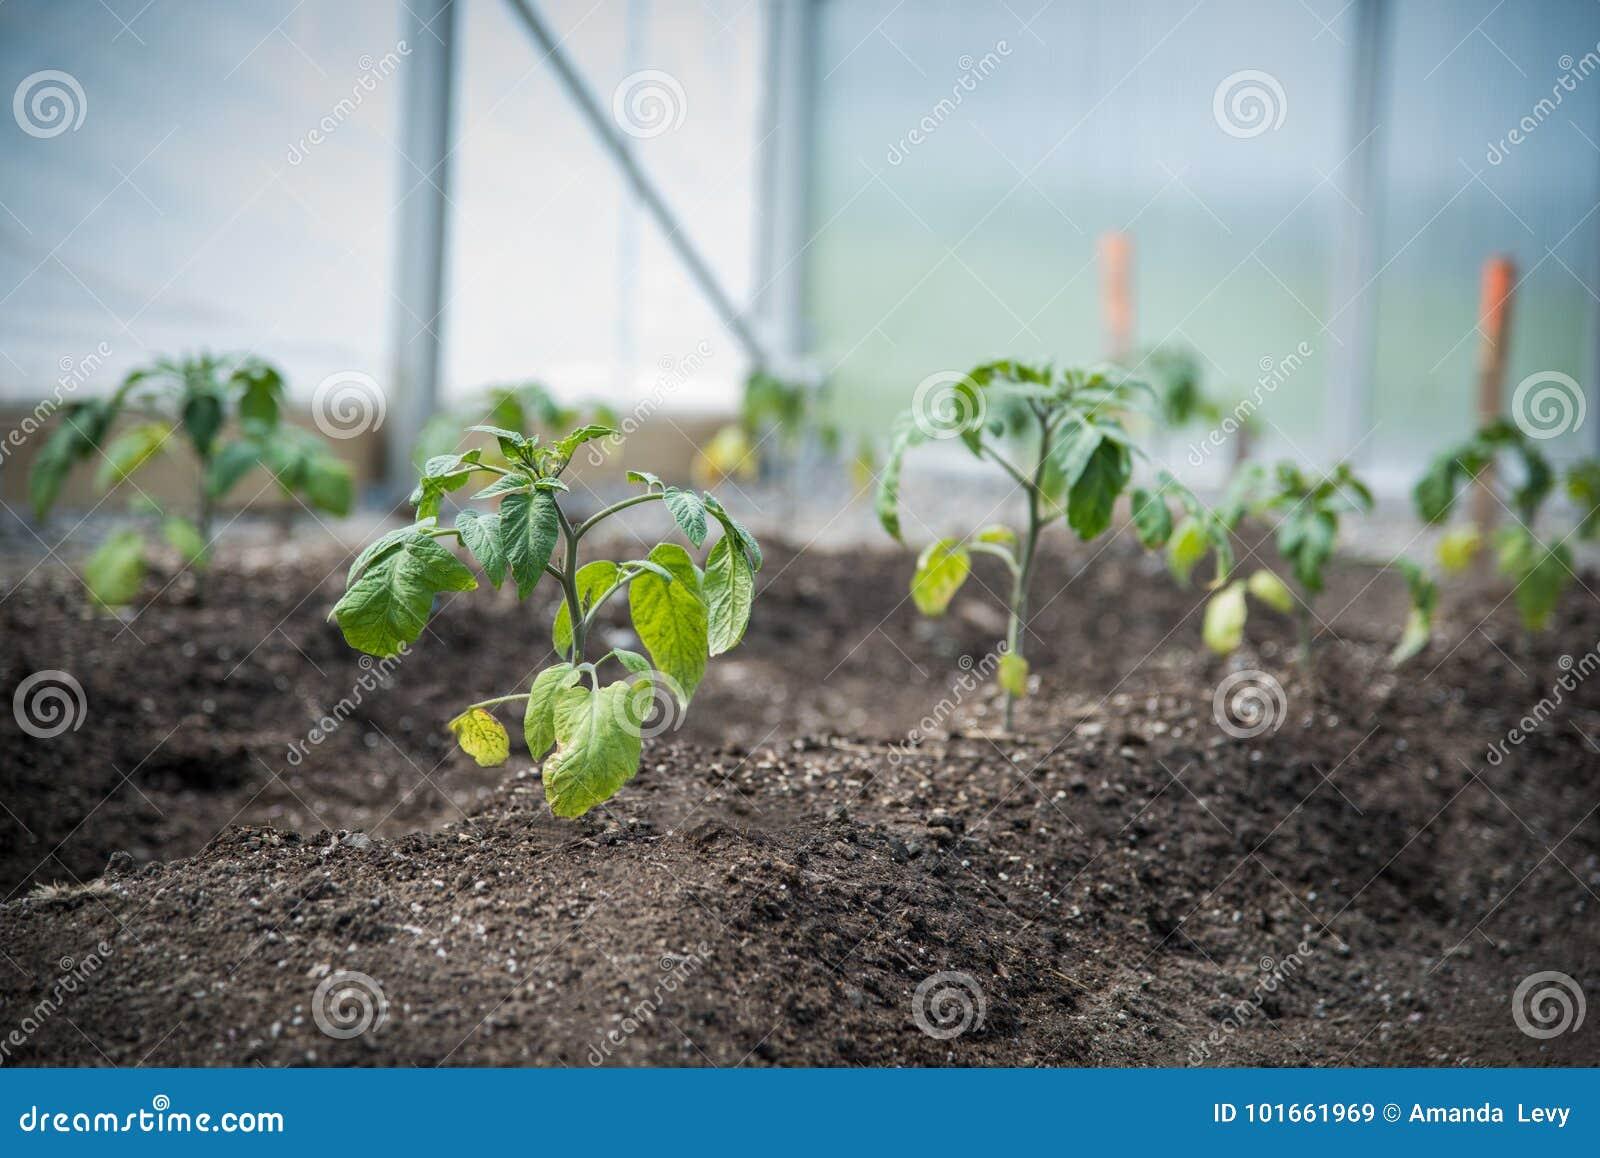 Plantas novas que crescem em uma estufa